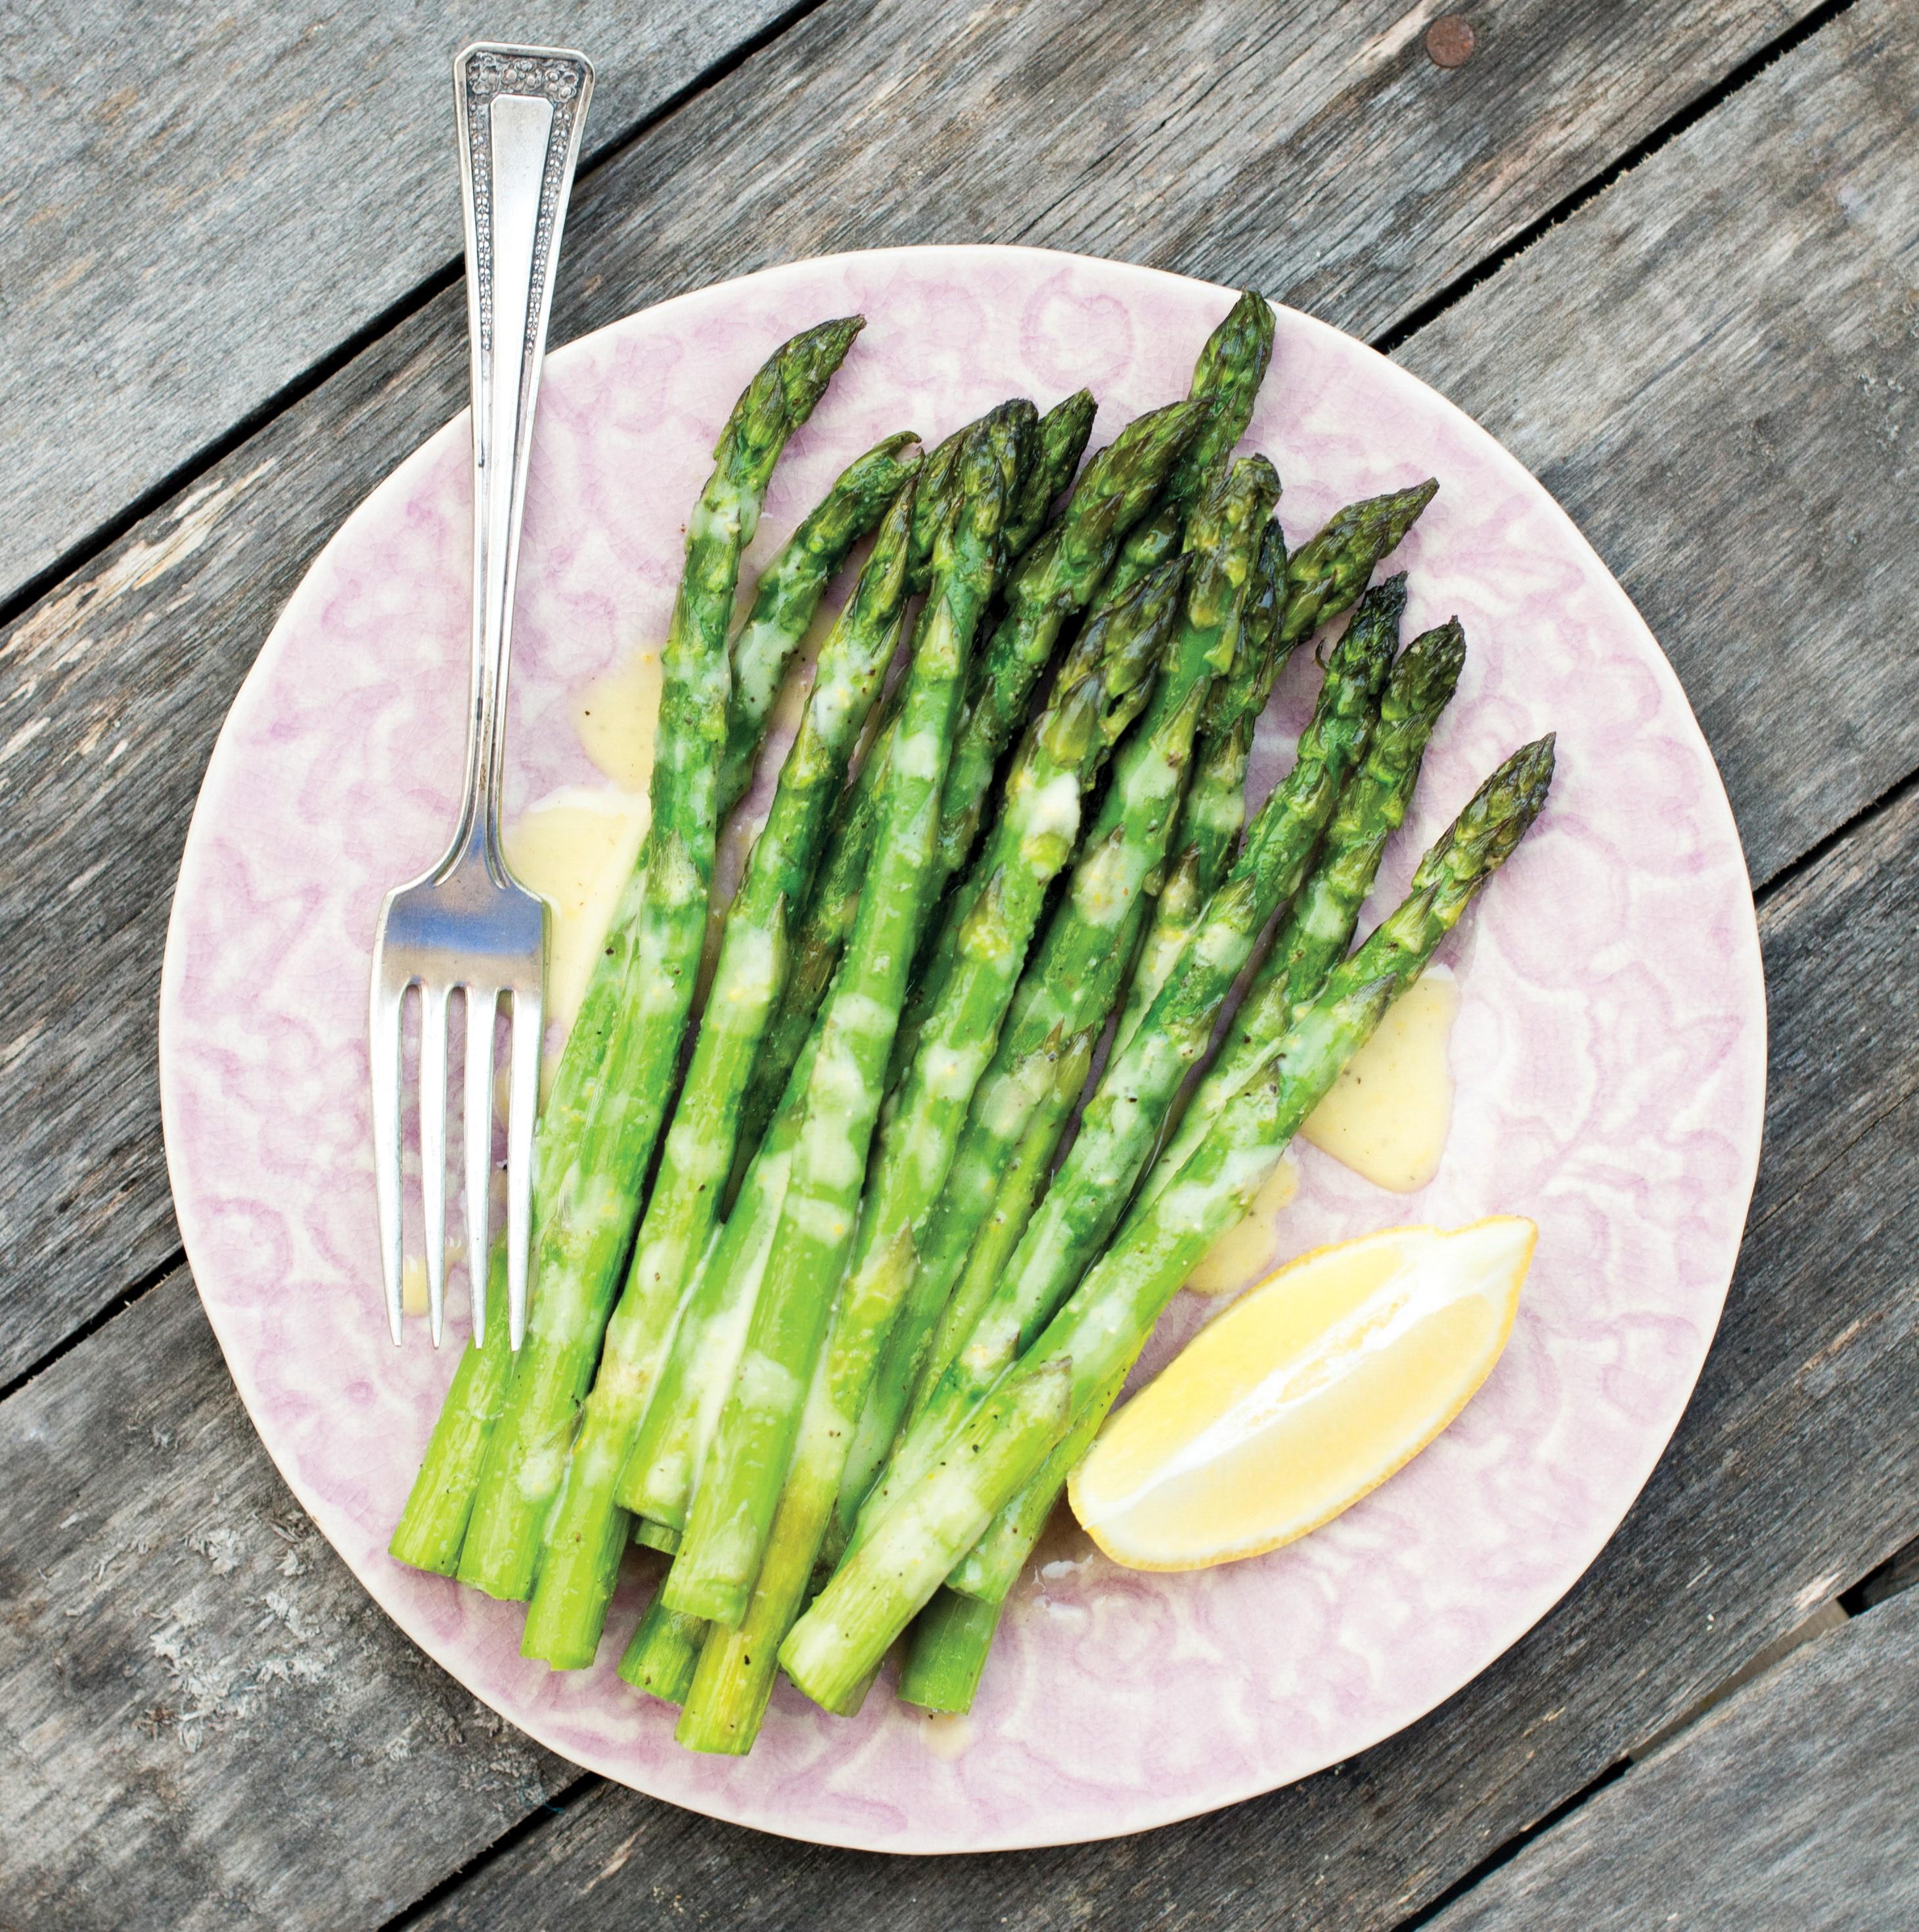 Roasted Asparagus with Lemon Sauce